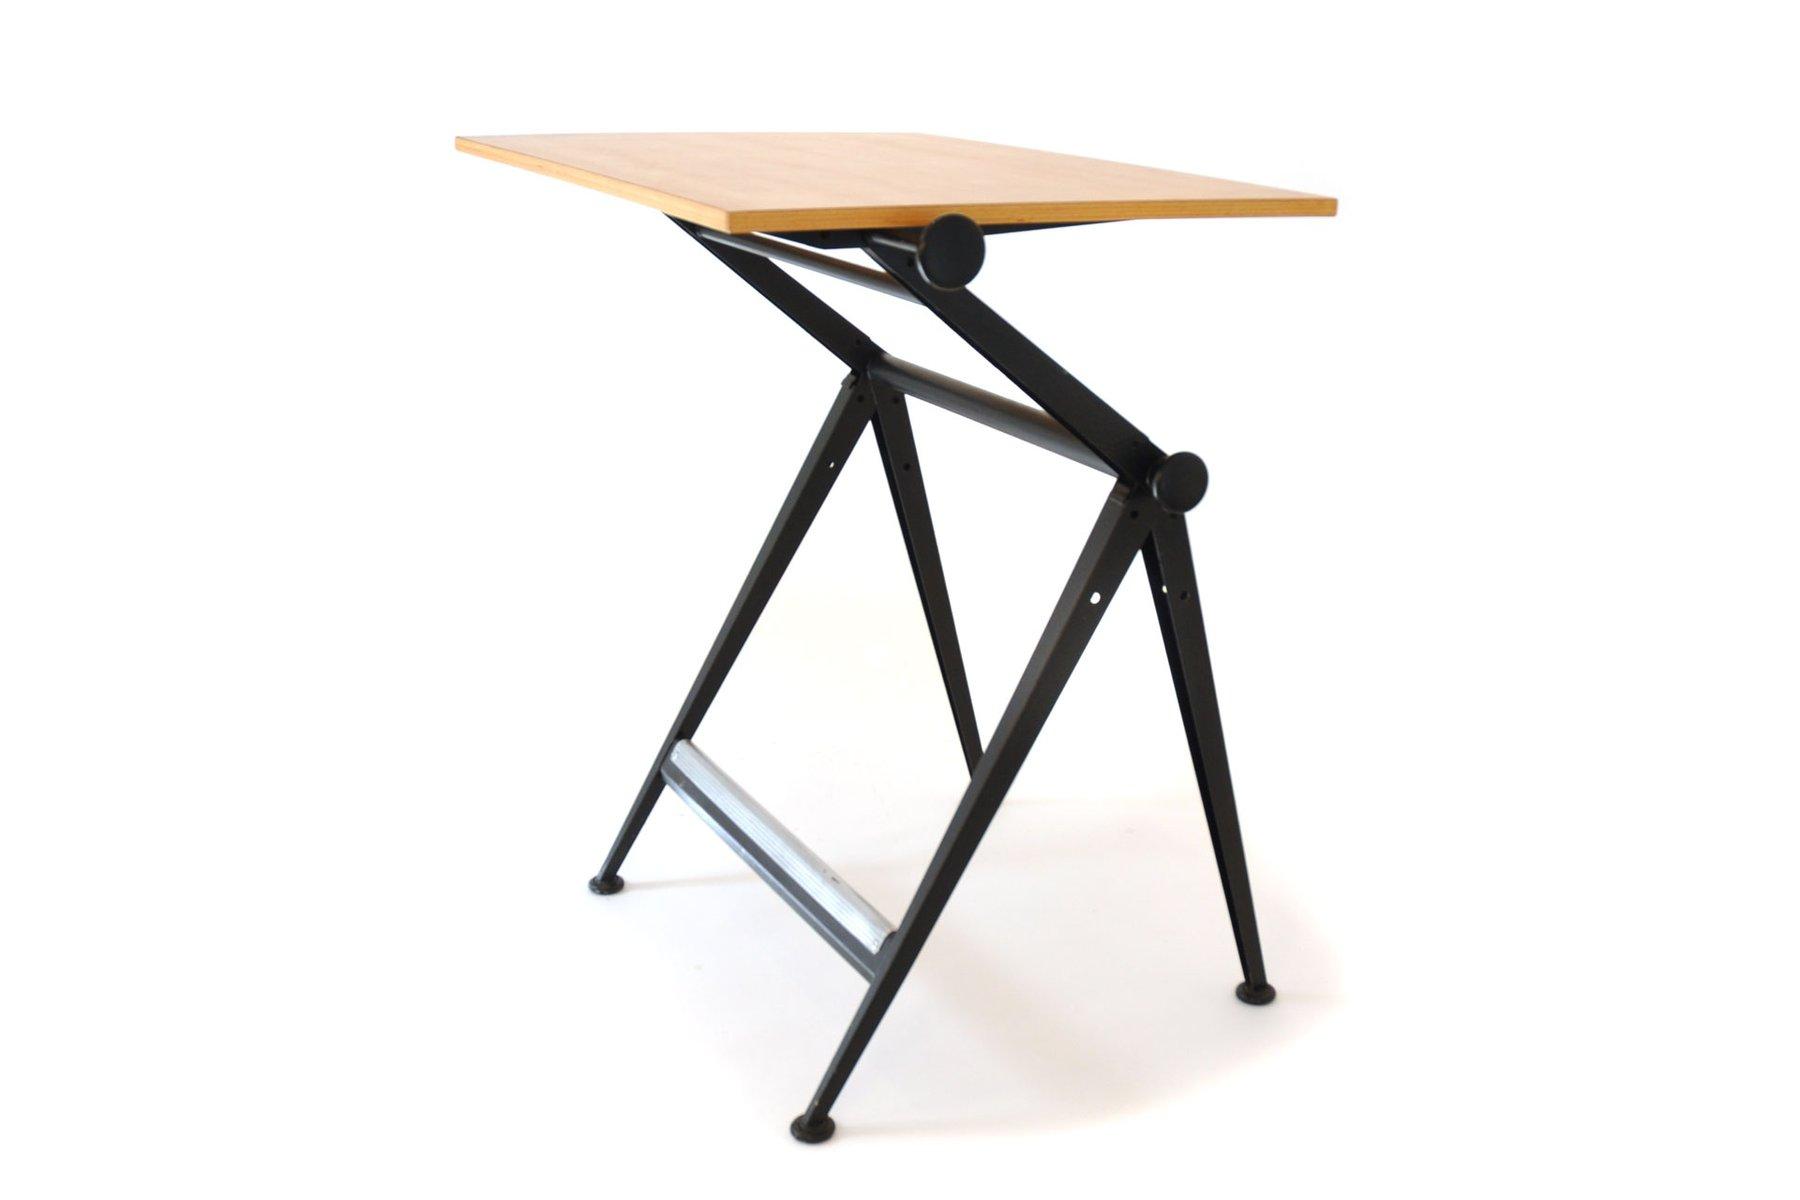 Tavolo da disegno vintage di wim rietveld & friso kramer per ahrend